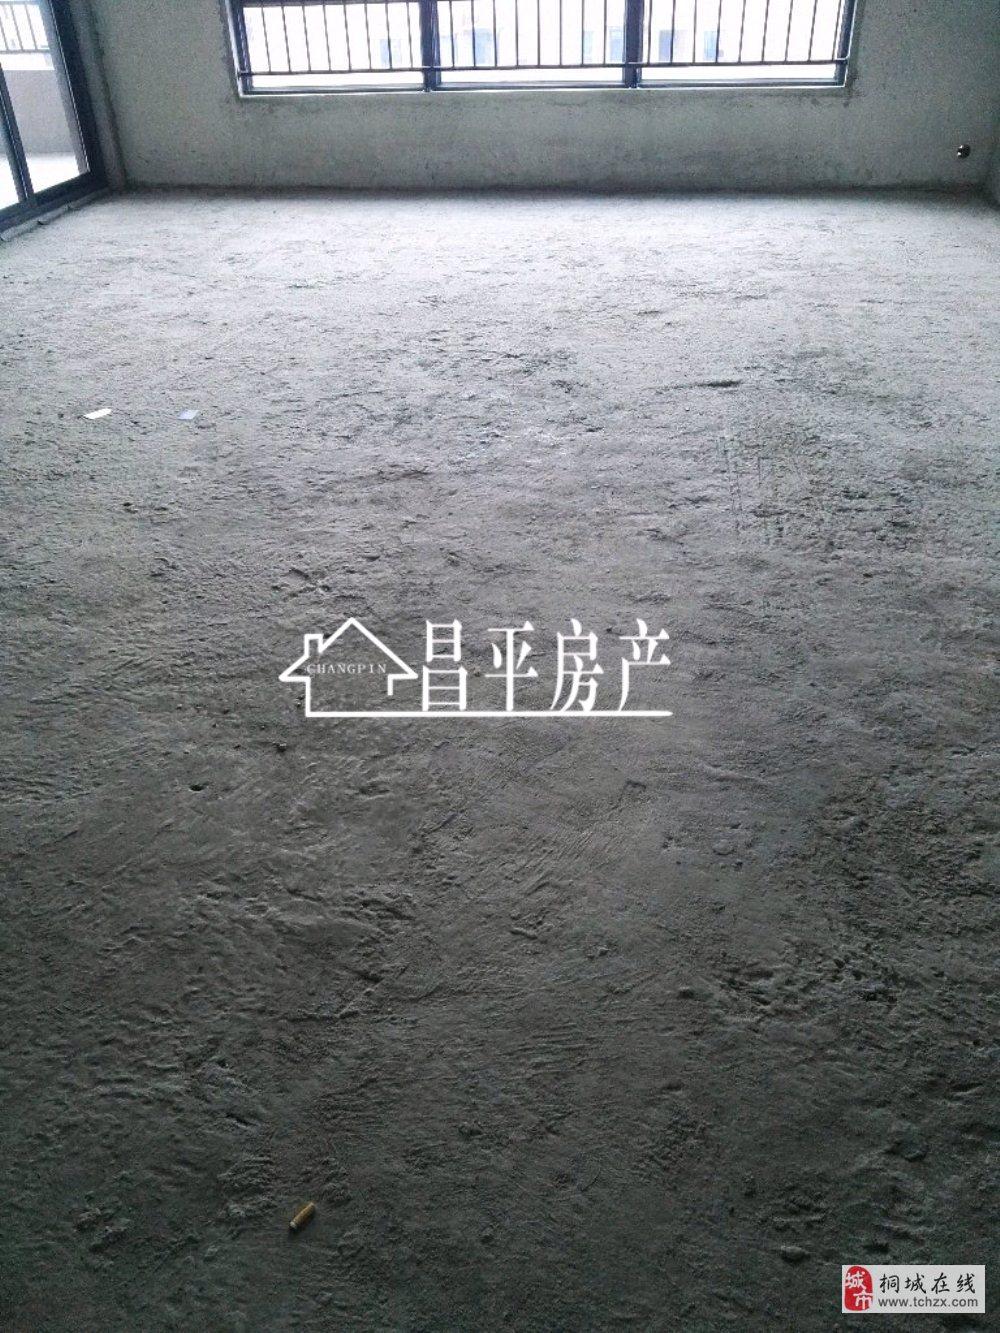 桐城碧桂园豪宅空中花园高档社区彰显身份